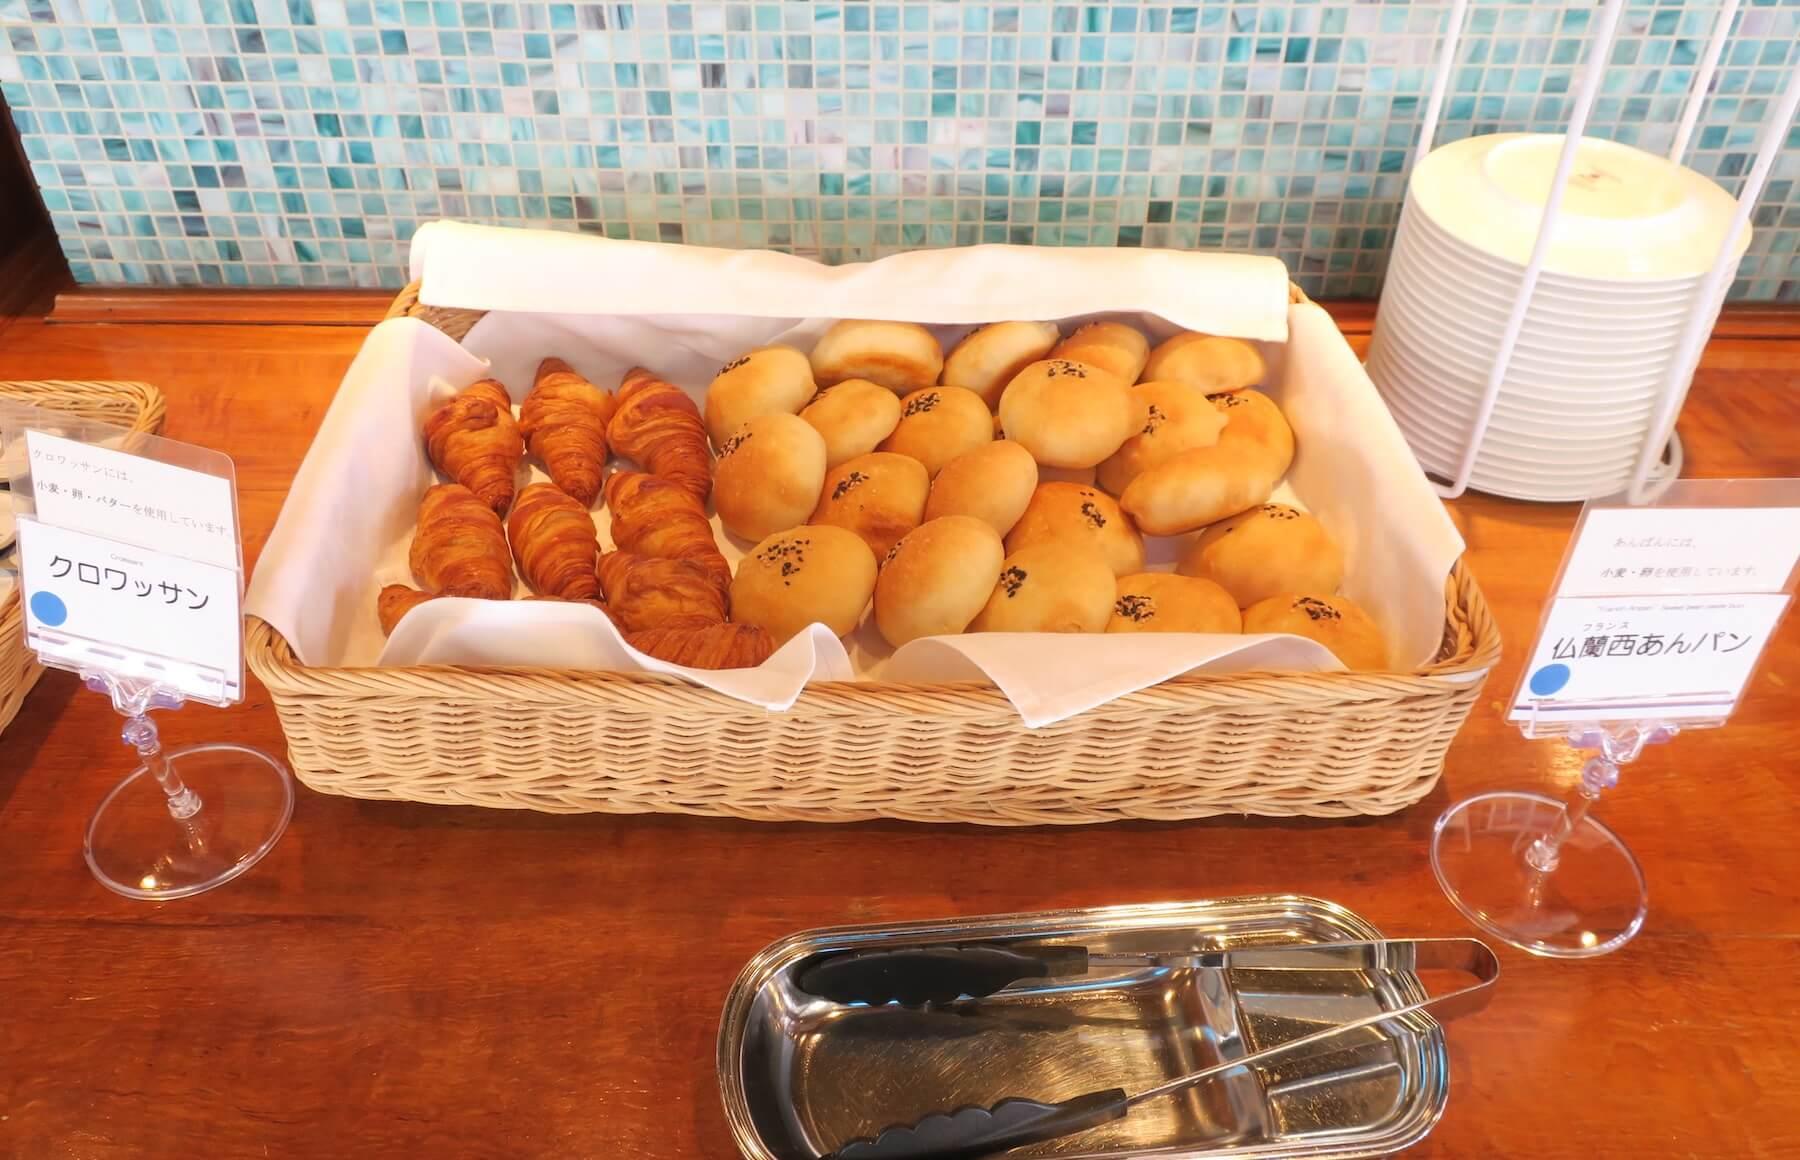 にっぽん丸 焼き立てパン01